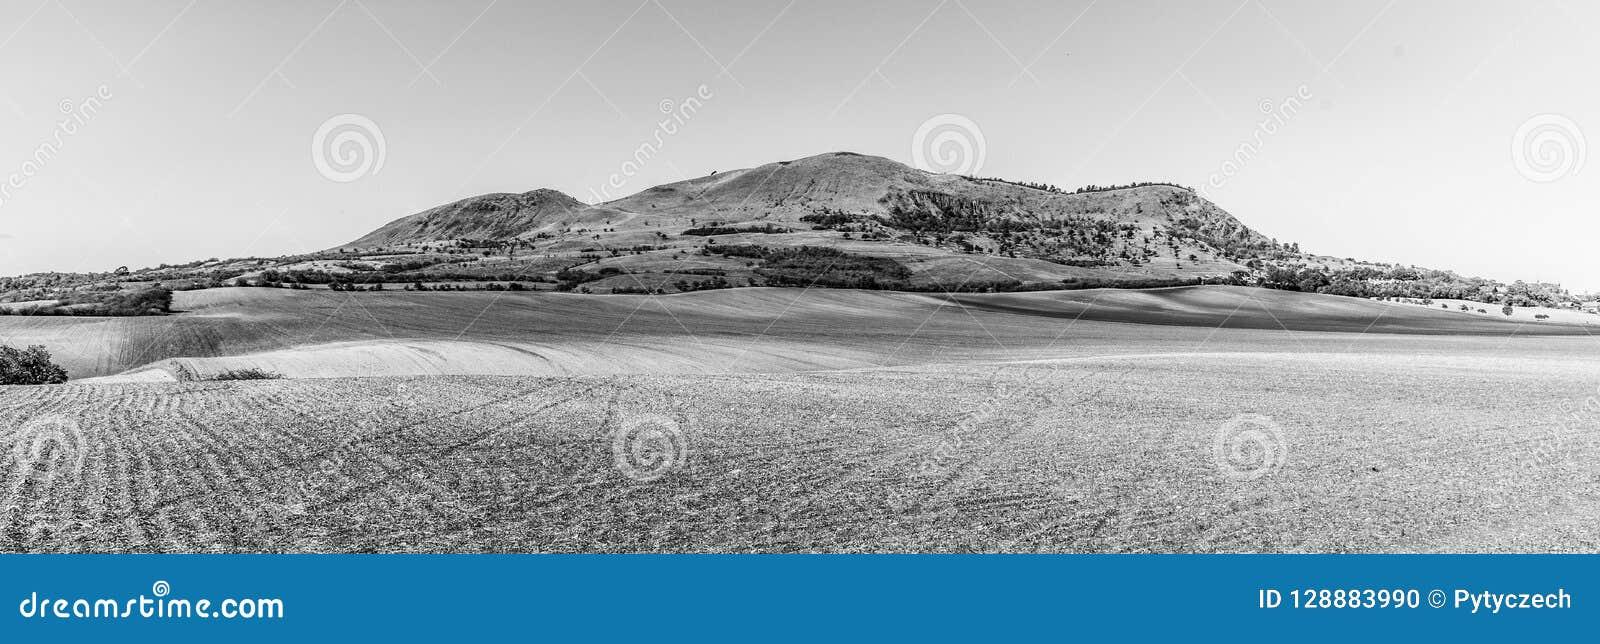 Rana Mountain dichtbij Louny in Centrale Boheemse Hooglanden op zonnige de zomerdag, Tsjechische Republiek Één van het district i